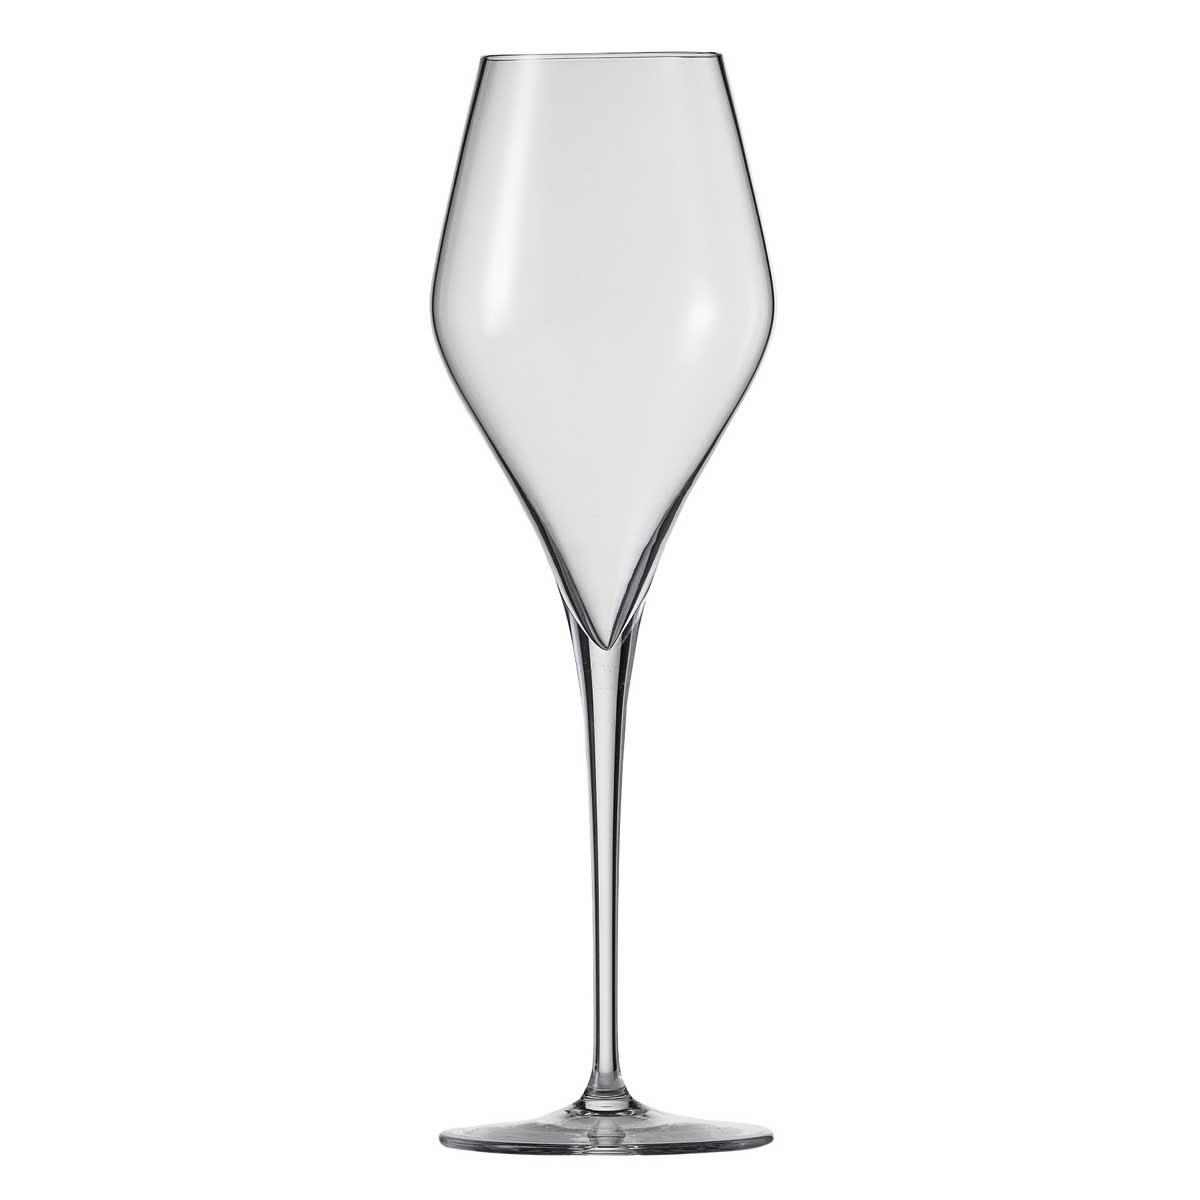 Schott Zwiesel Tritan Crystal, Finesse Champagne Crystal Flute, Single